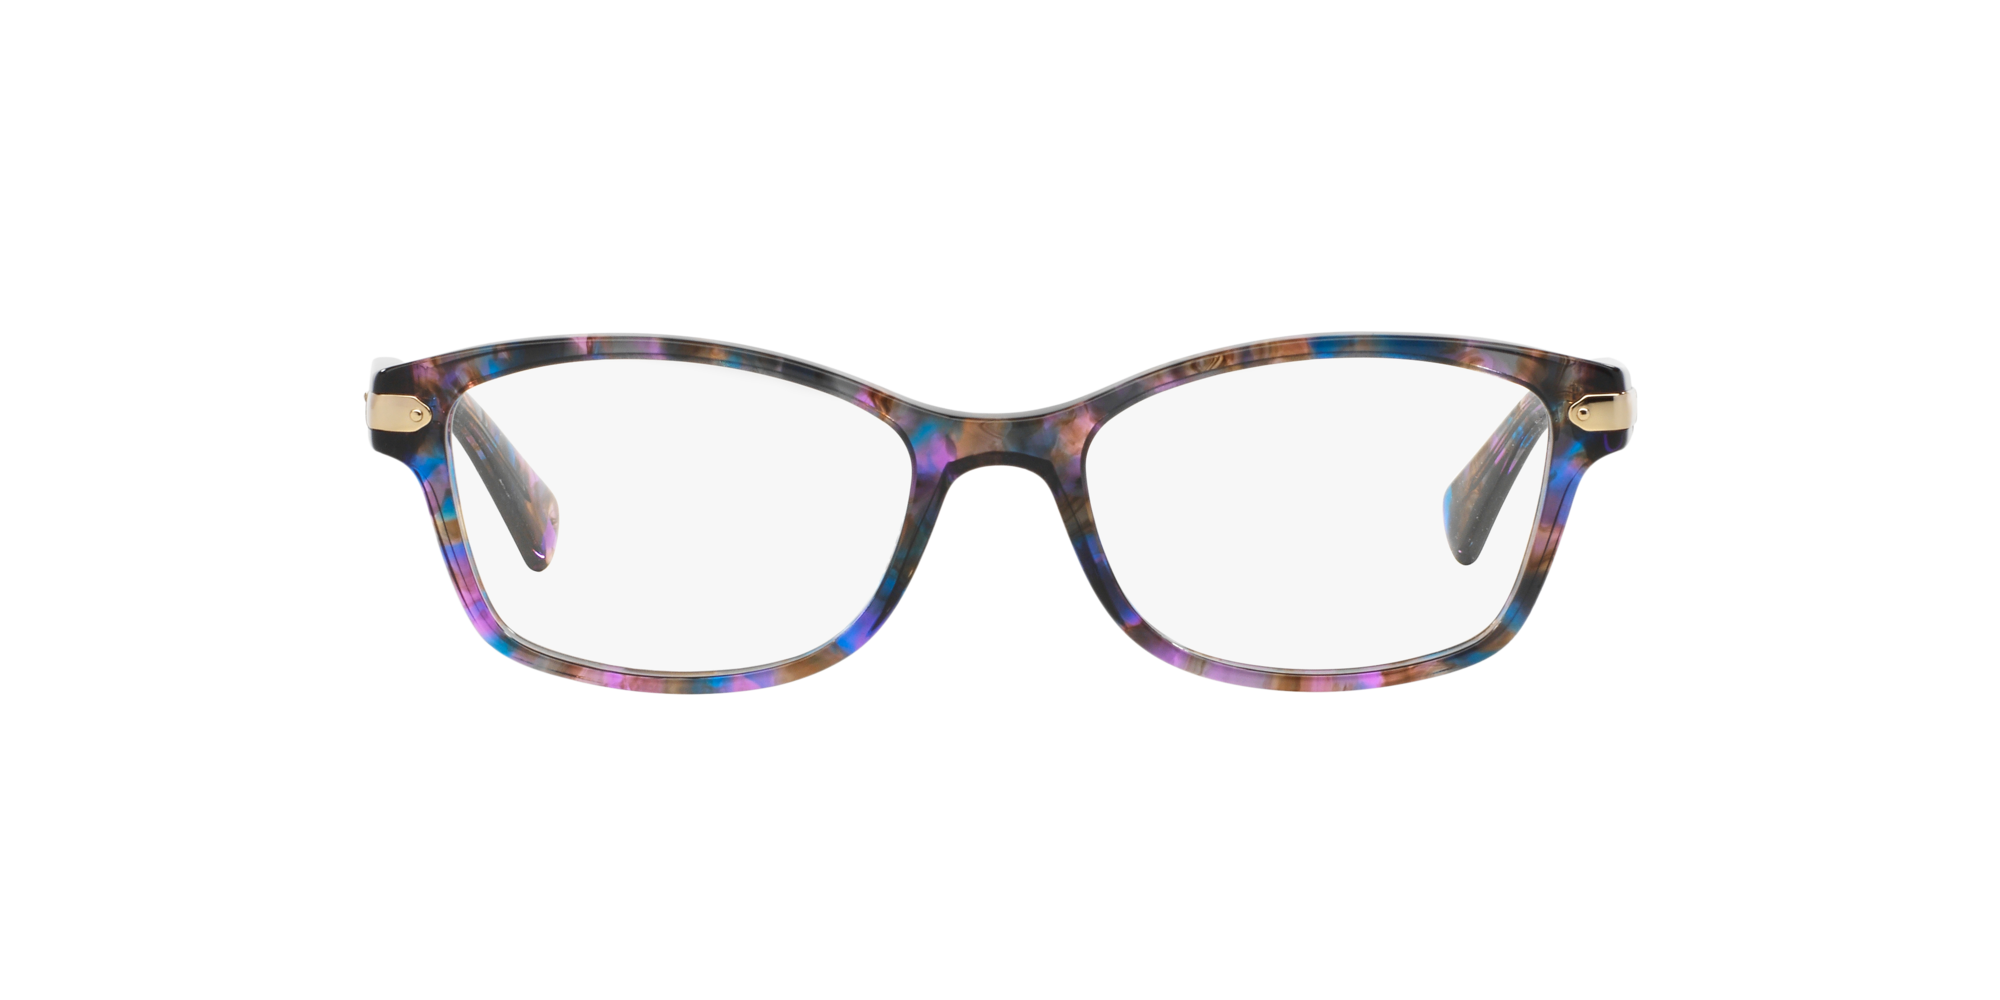 Imagen para HC6065 de LensCrafters    Espejuelos, espejuelos graduados en línea, gafas